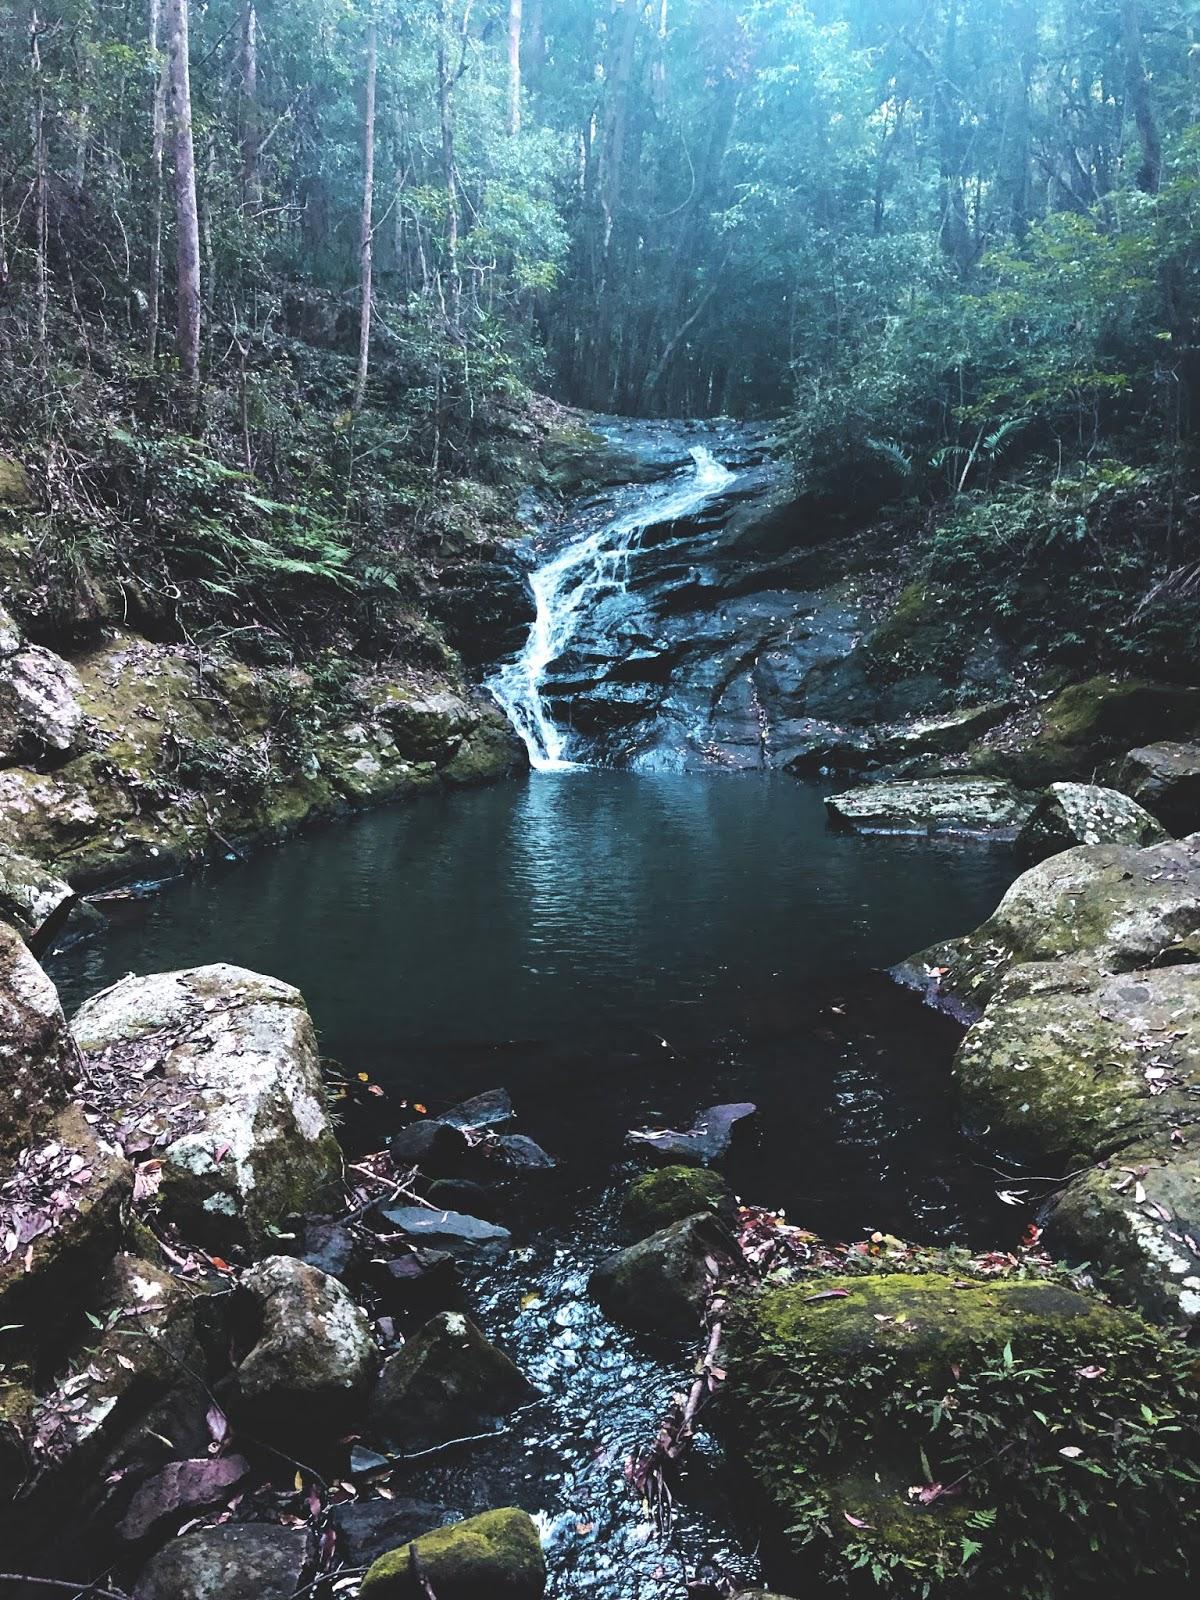 Wodospad w Park Narodowy Kondalilla